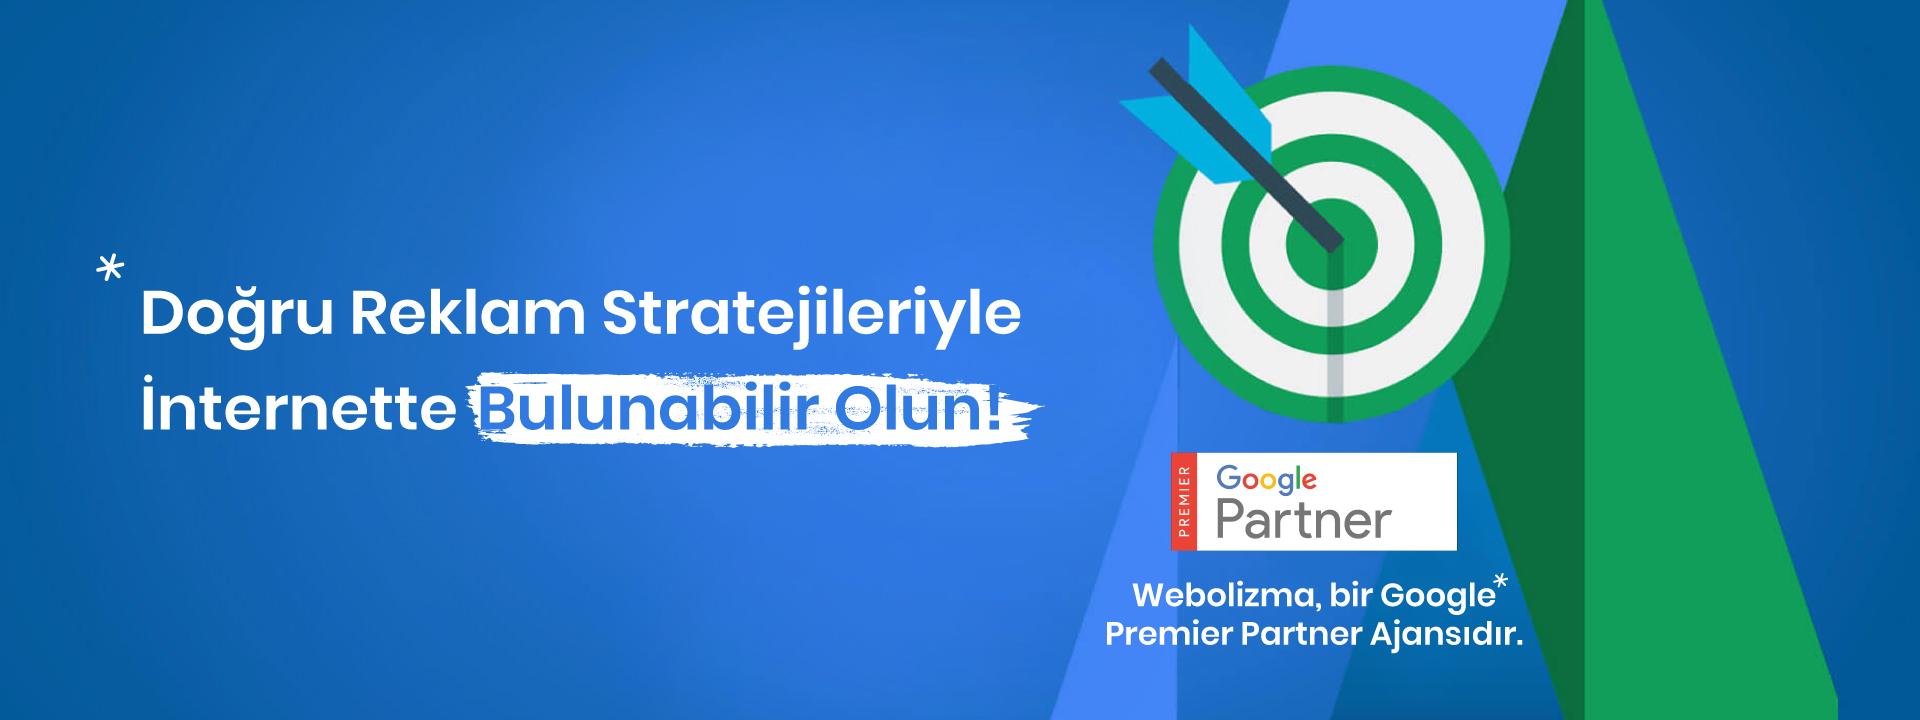 Webolizma Google Reklam